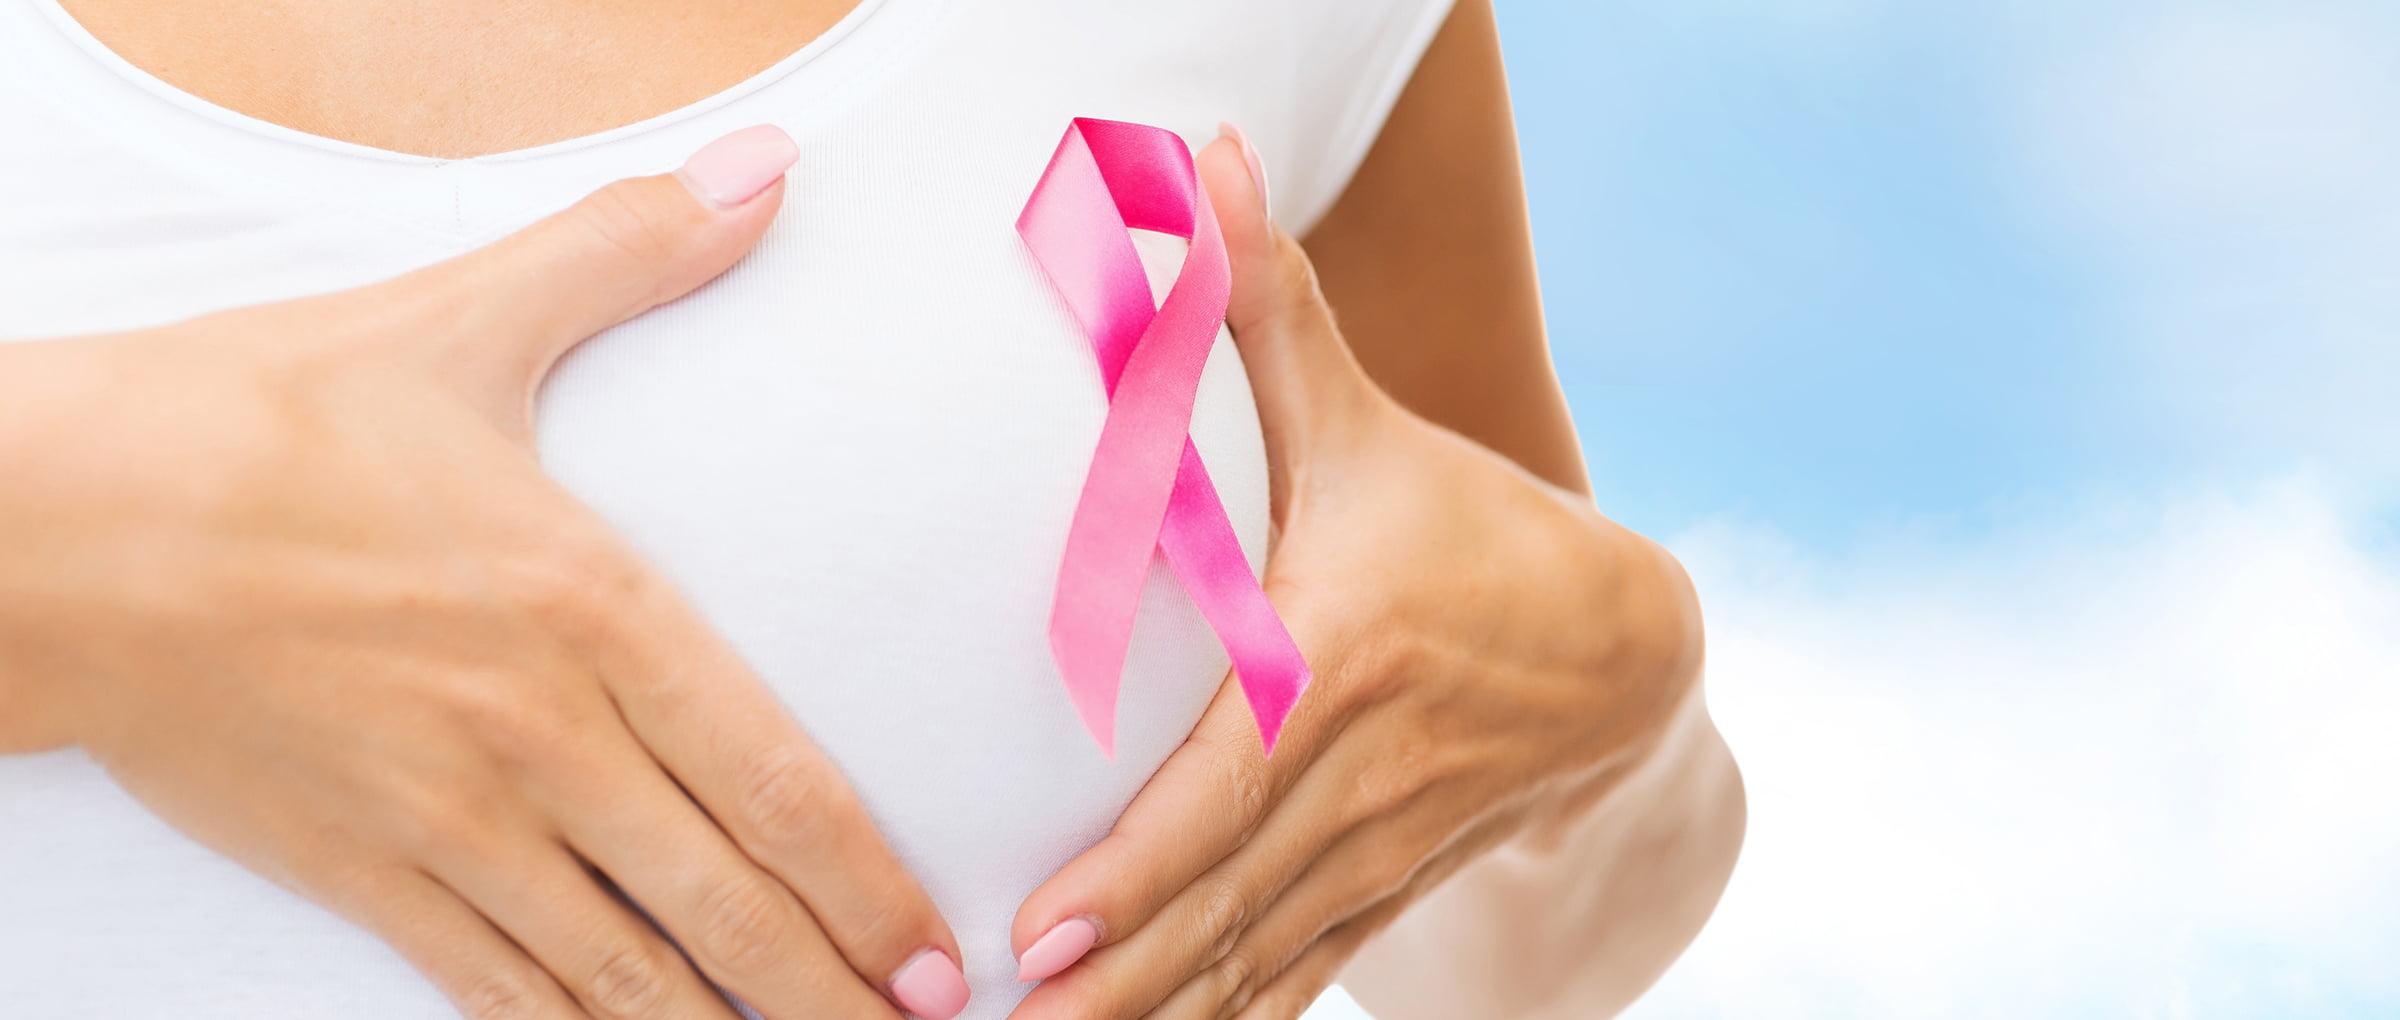 Tumor en la mama